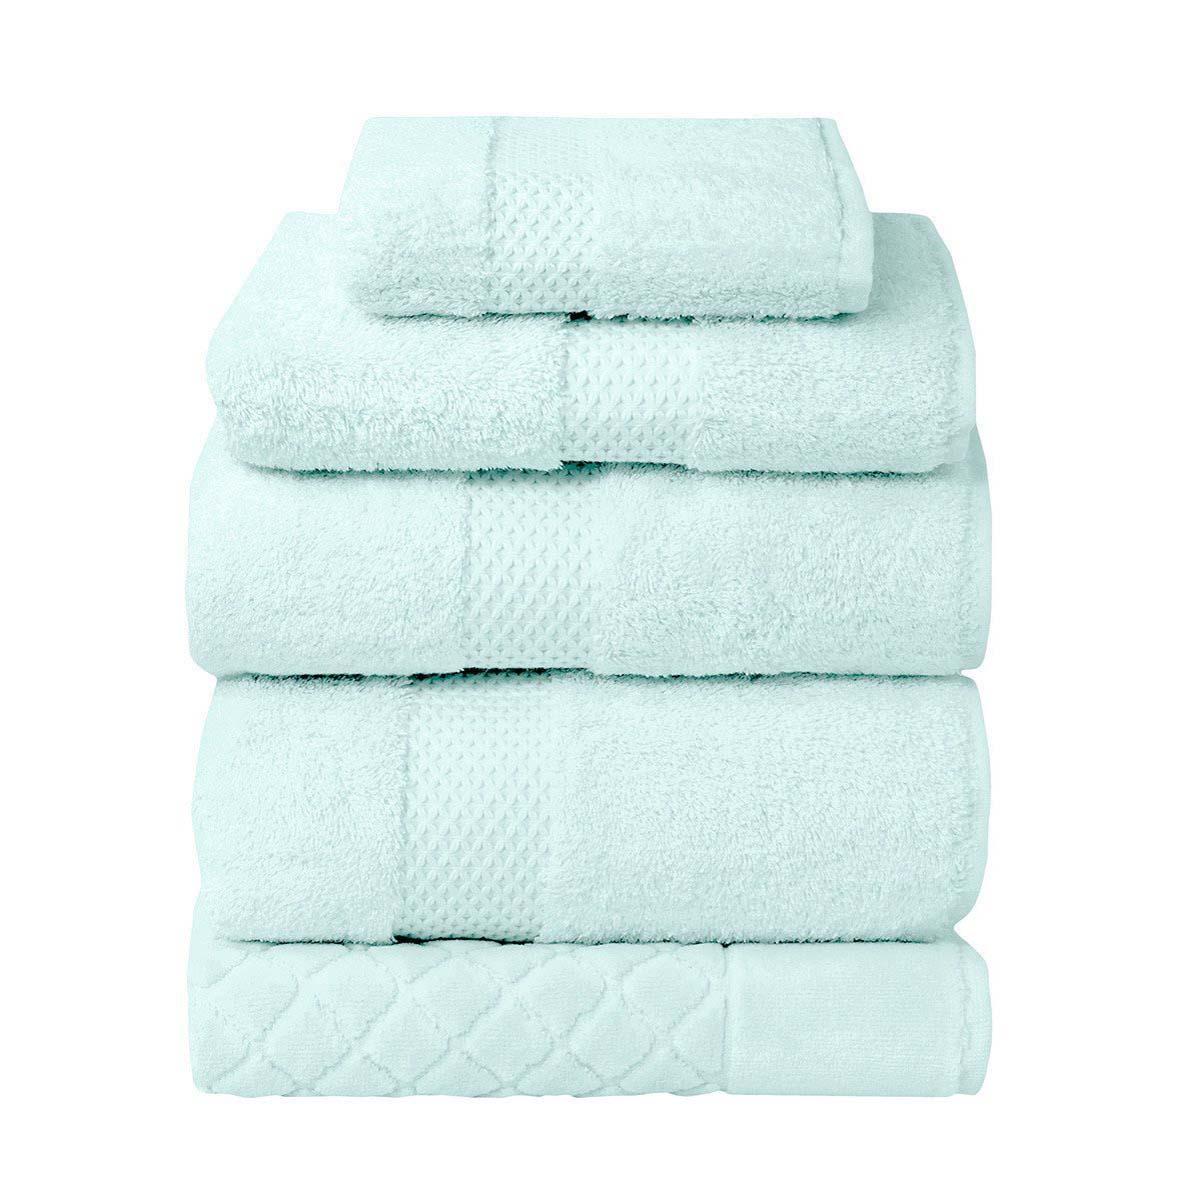 Peacock bathroom towels - Etoile Luxury Towels